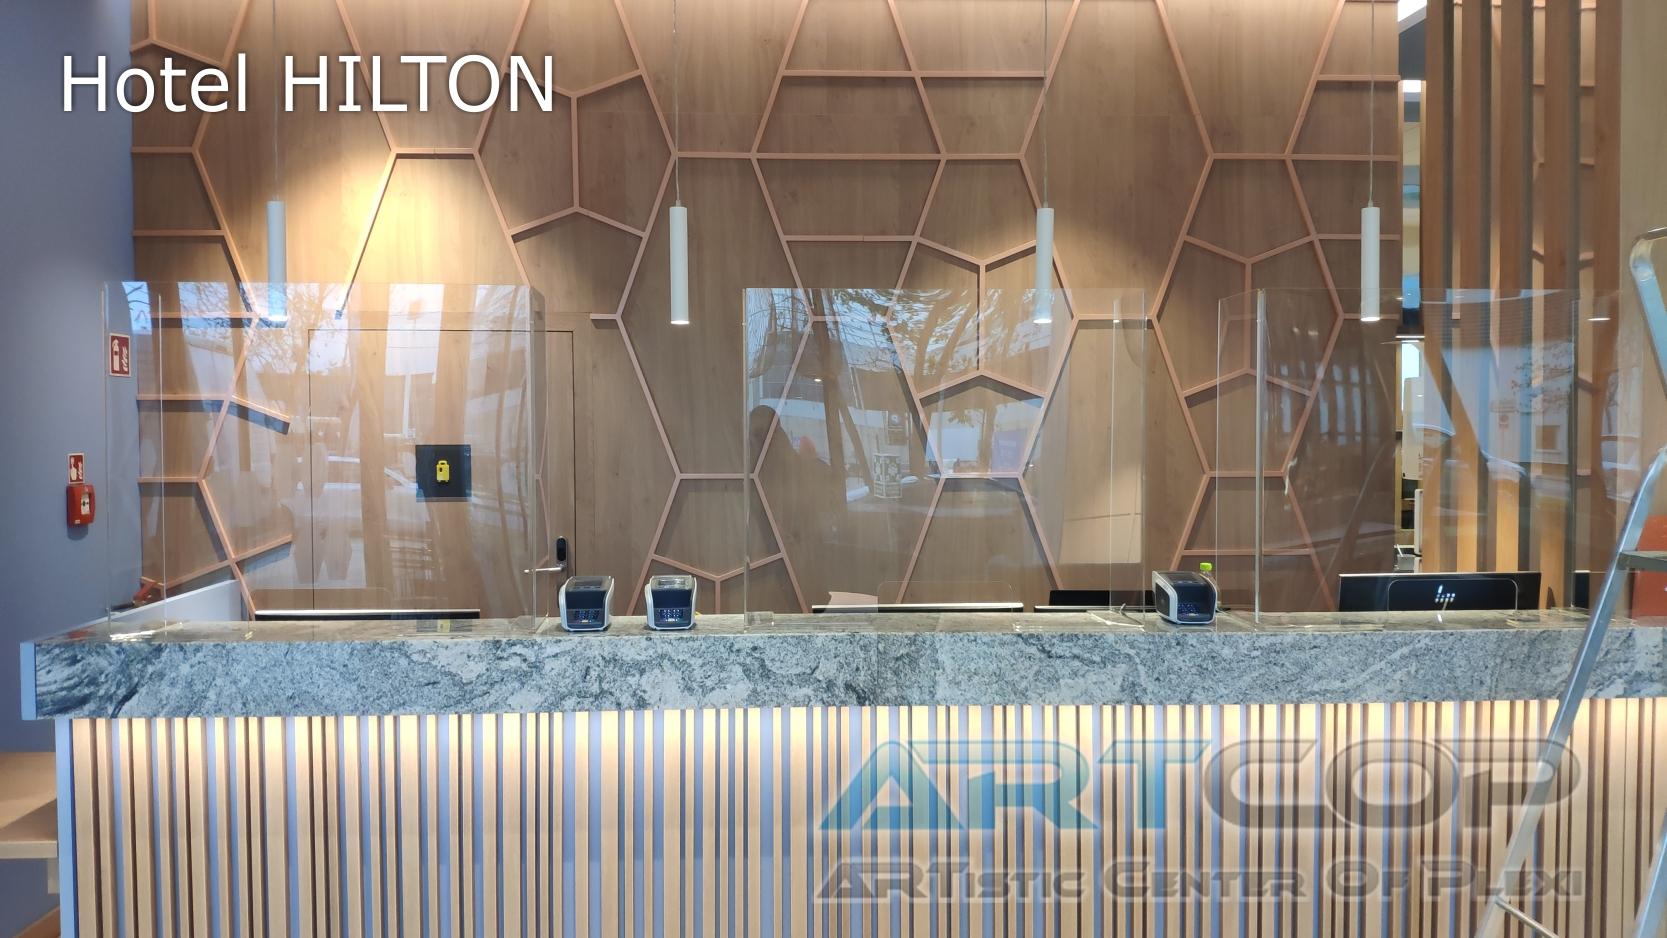 Hilton foto2.jpg